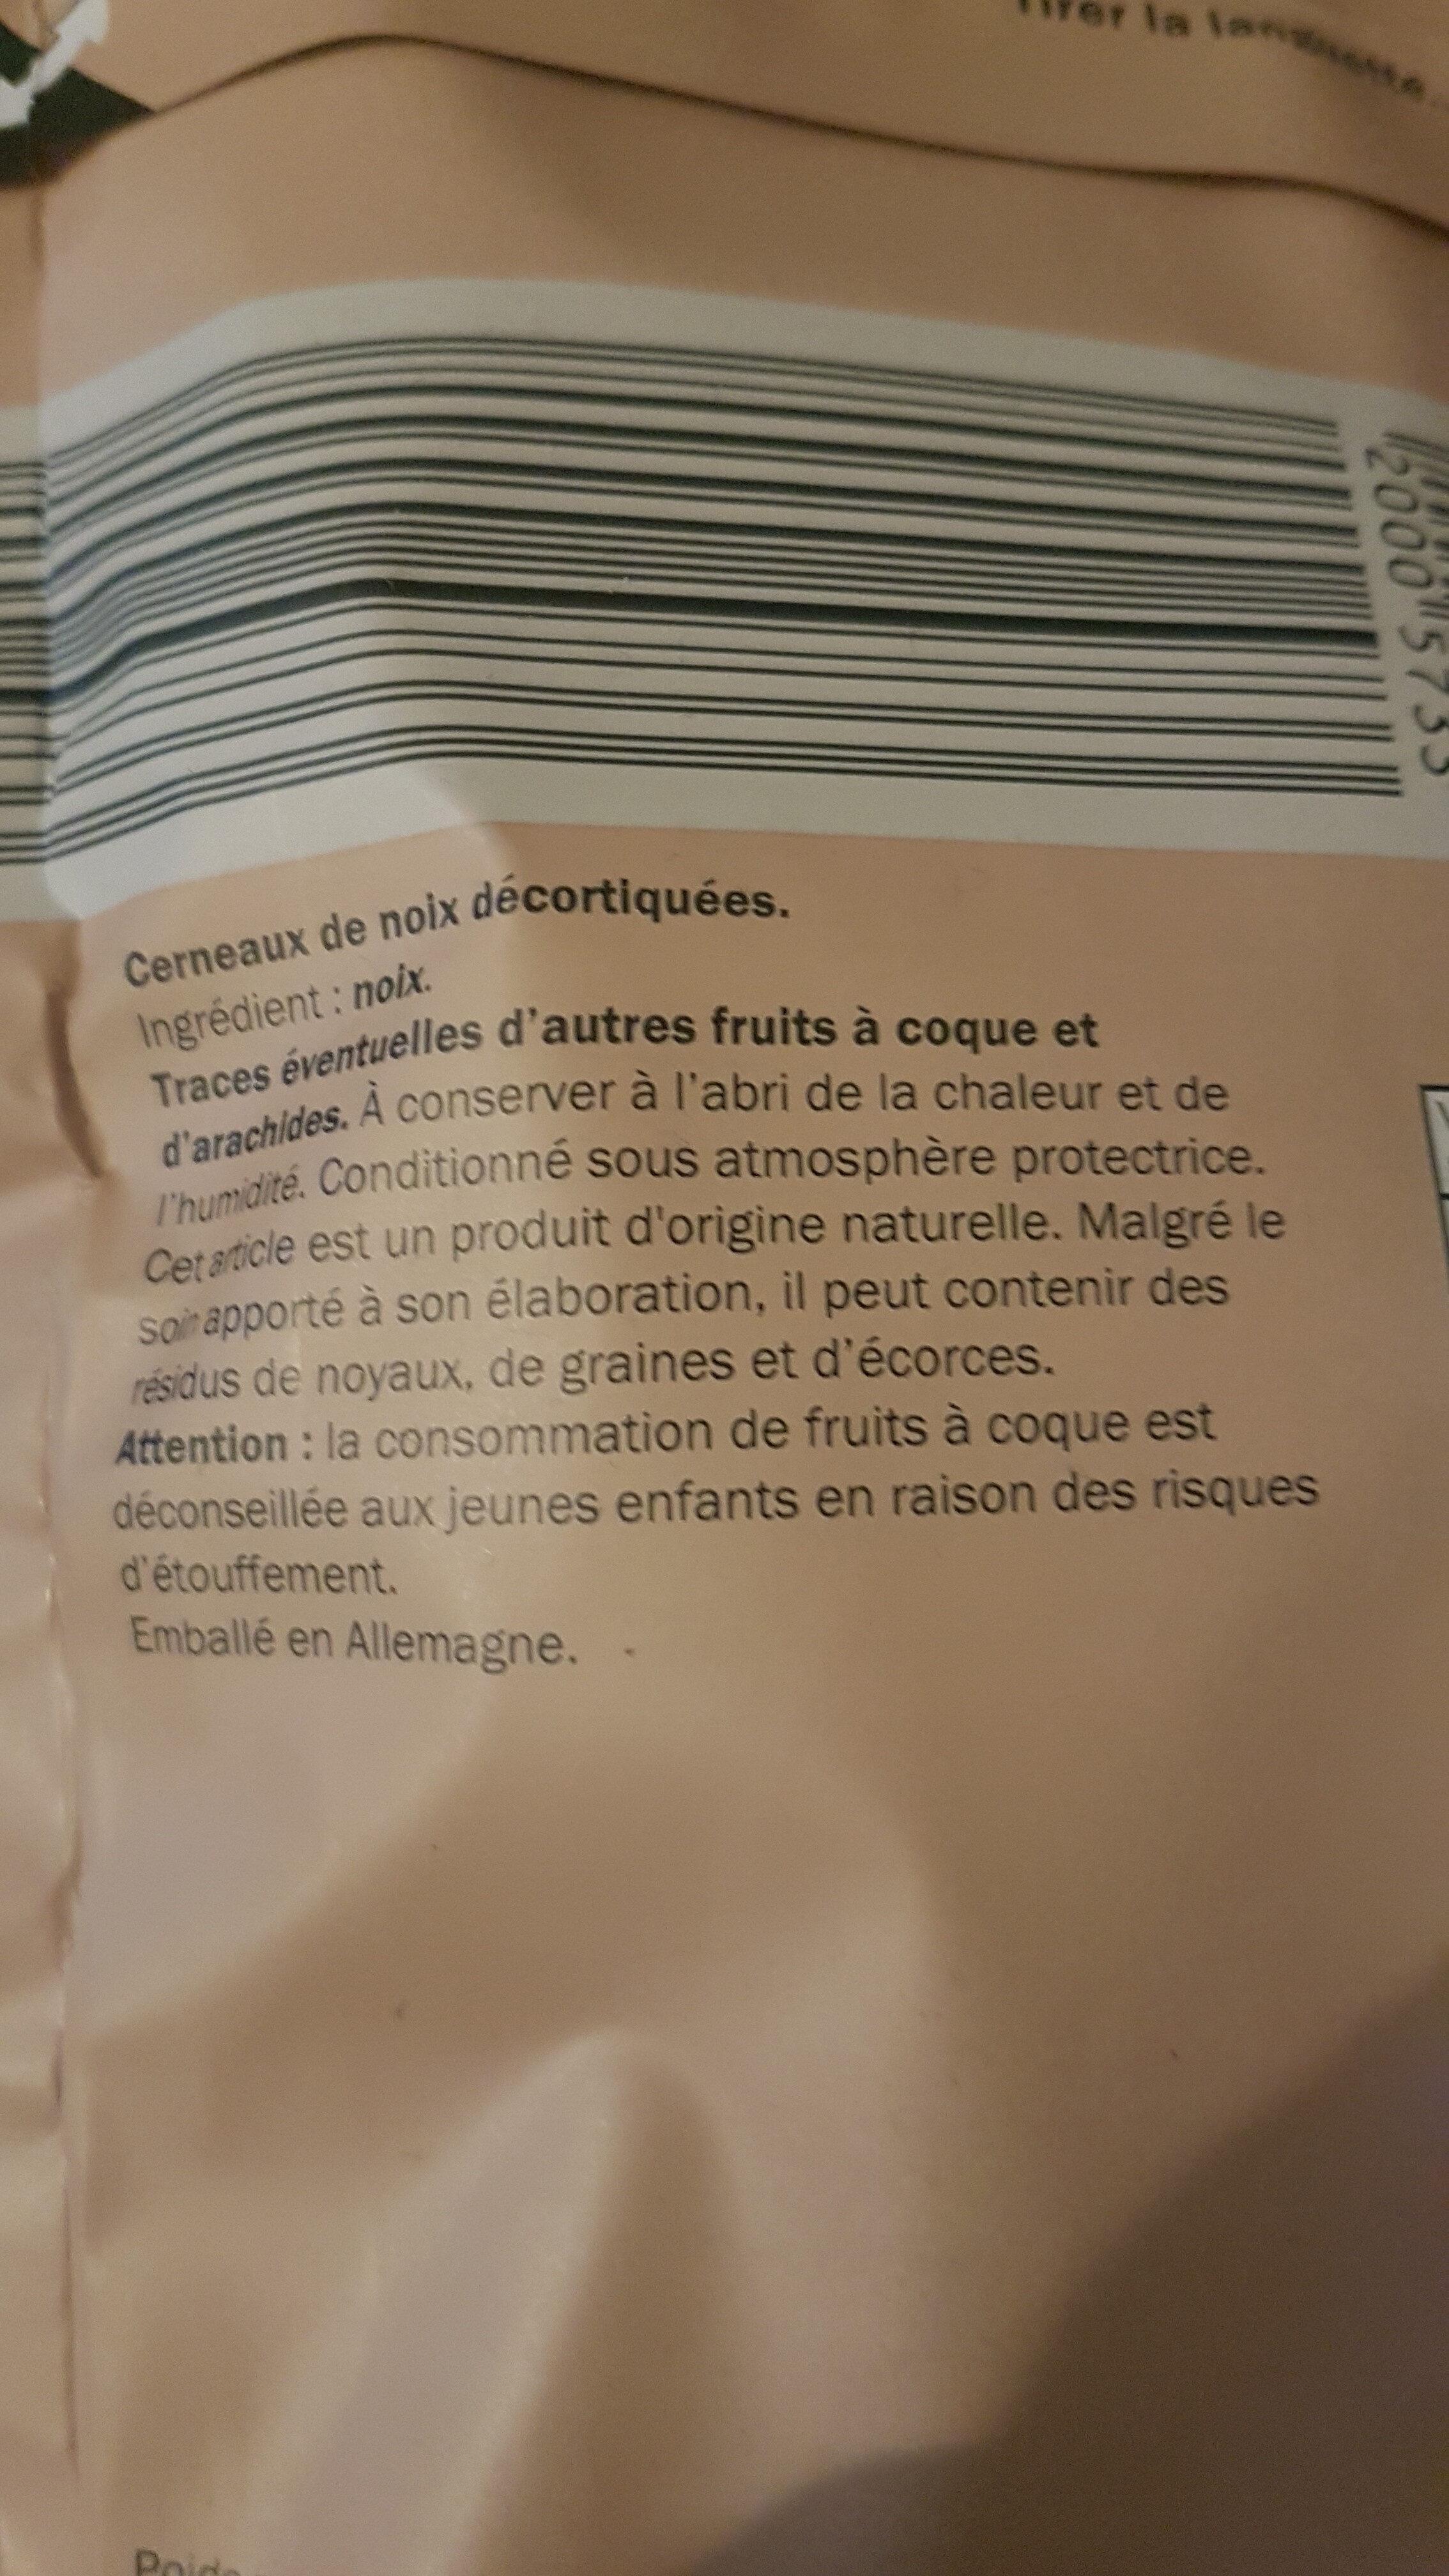 cernaux de noix de californie - Ingredientes - fr